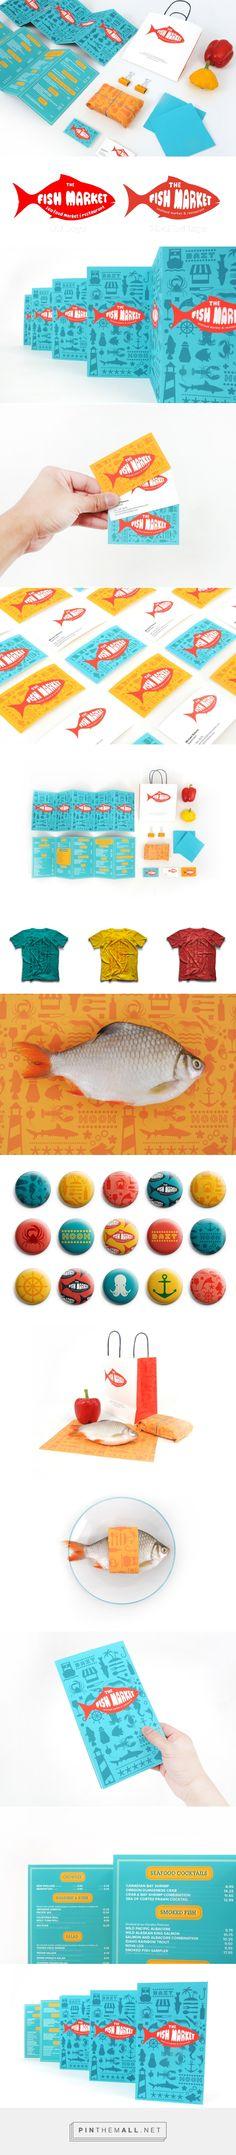 THE FISH MARKET Branding on Behance | Fivestar Branding – Design and Branding Agency & Inspiration Gallery